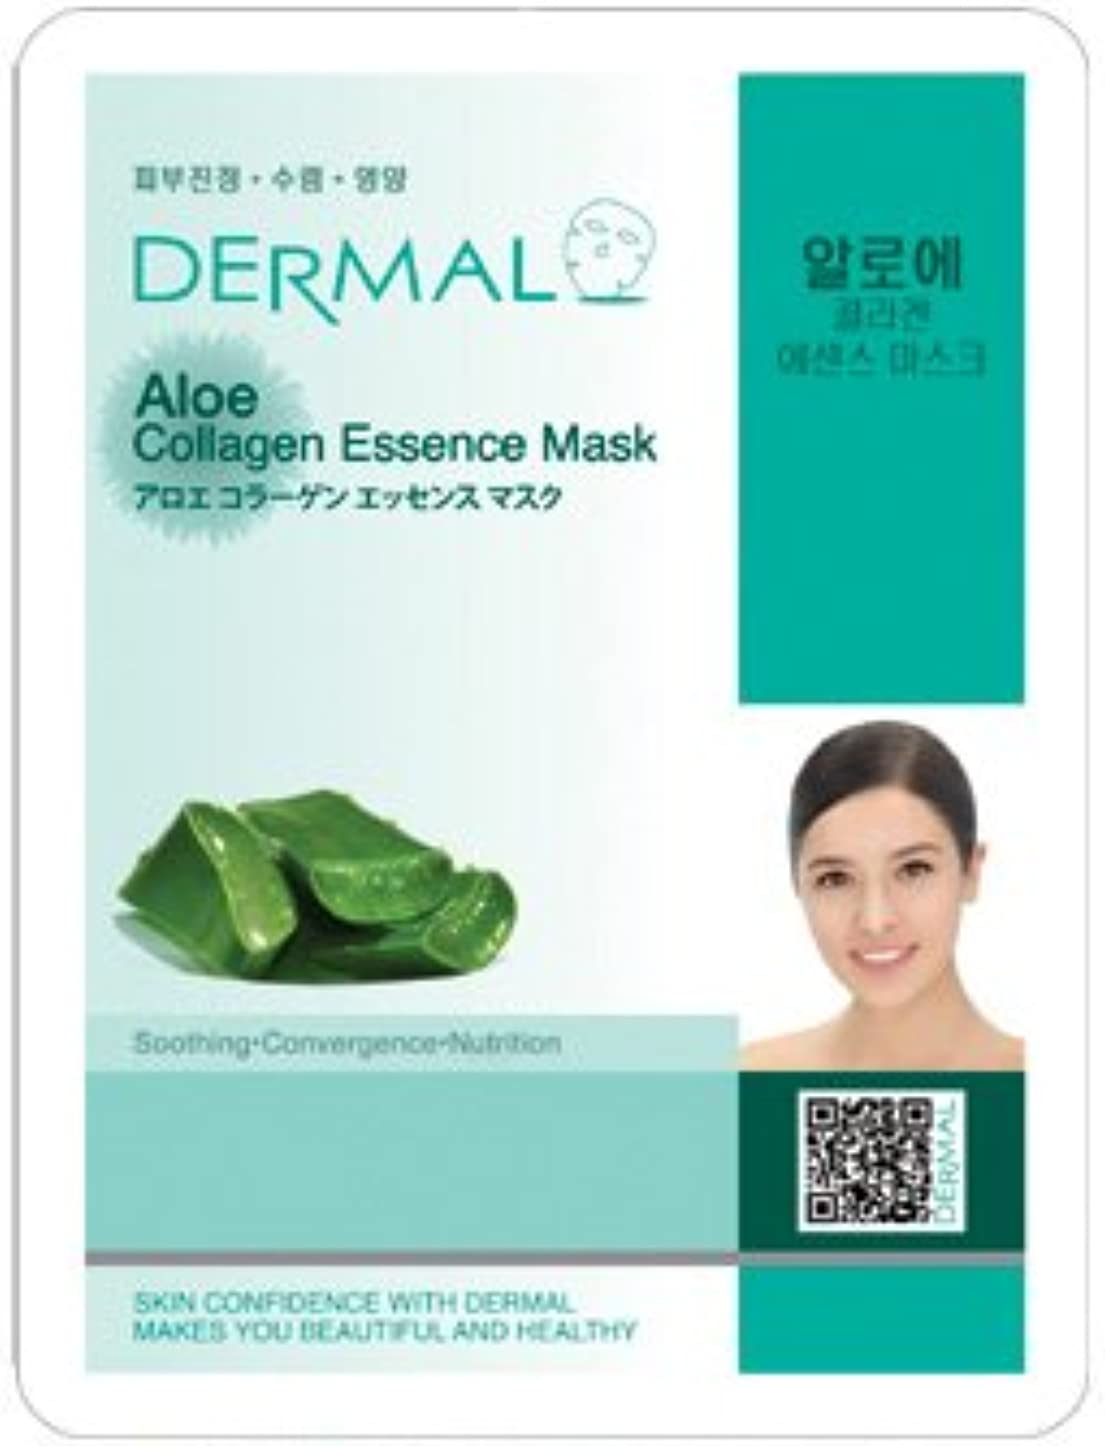 メンター咲く店員ダーマル(Dermal) シートマスク アロエエッセンスマスク 100枚セット フェイス パック